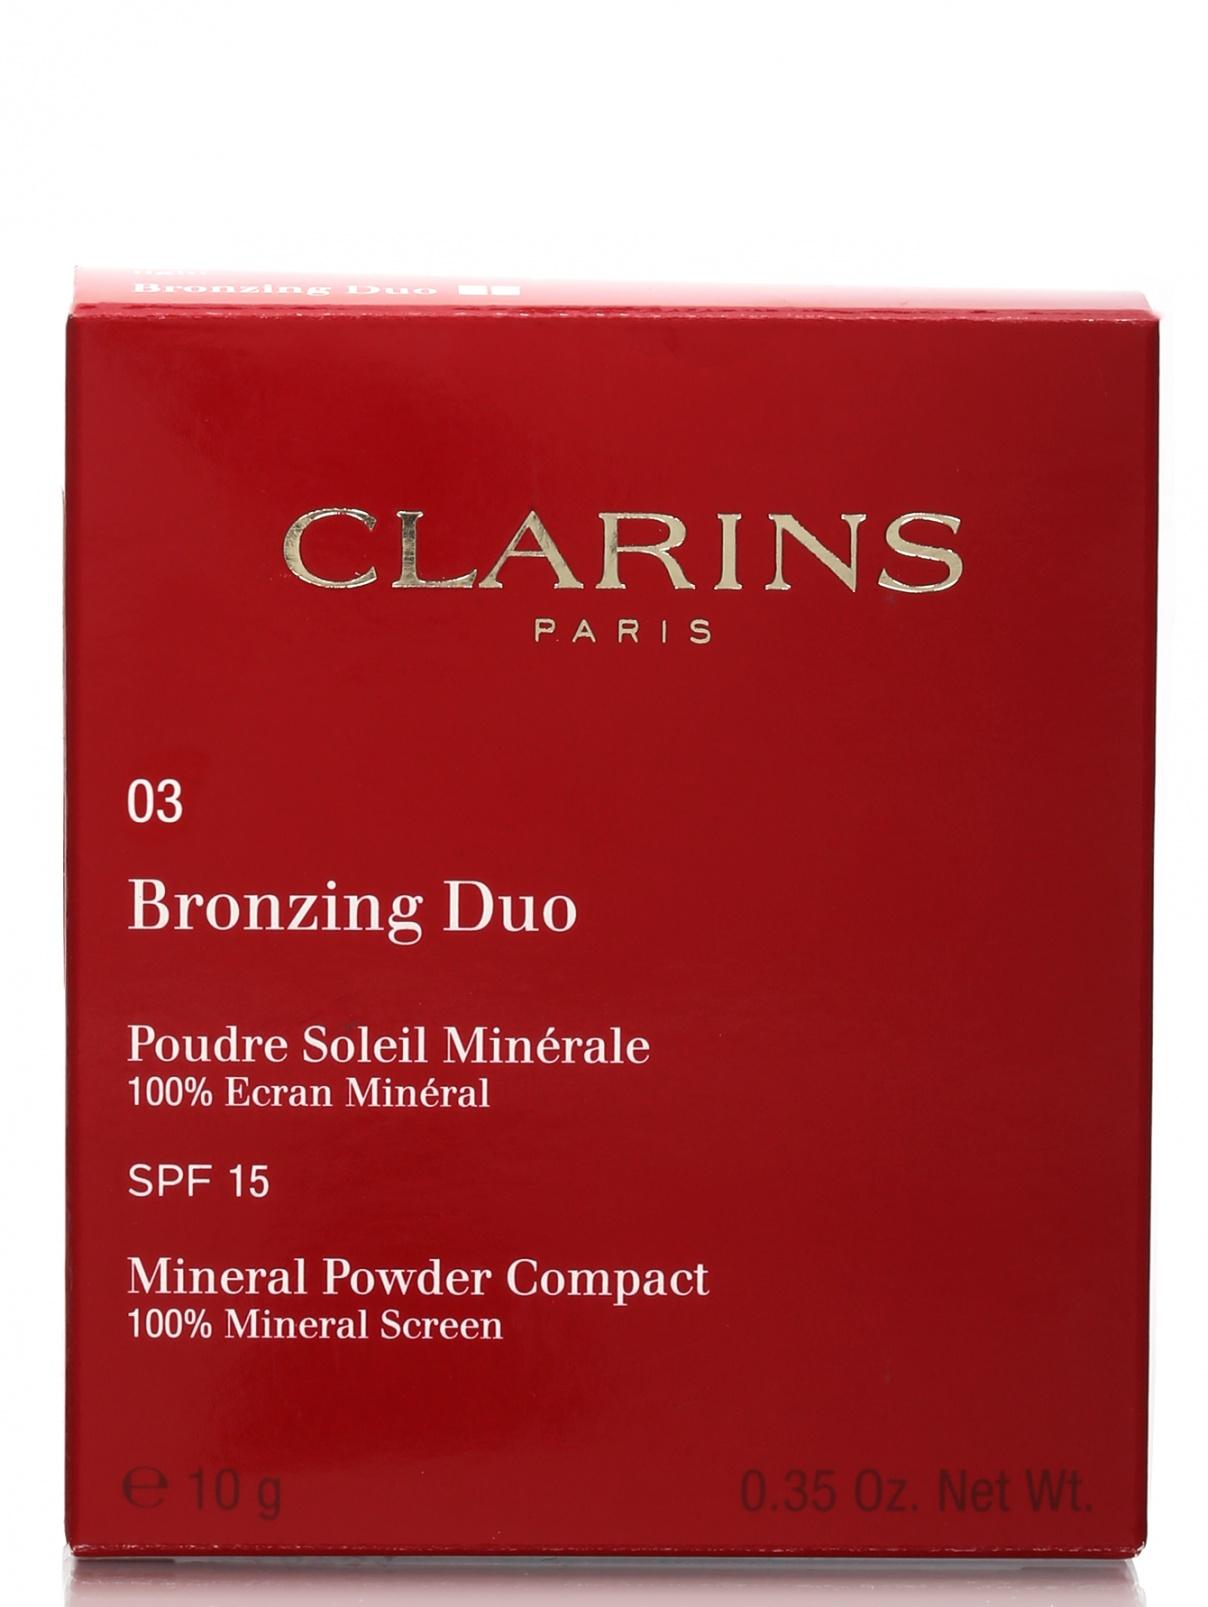 Двухцветная компактная минеральная пудра - №03, Bronzing Duo Clarins  –  Модель Общий вид